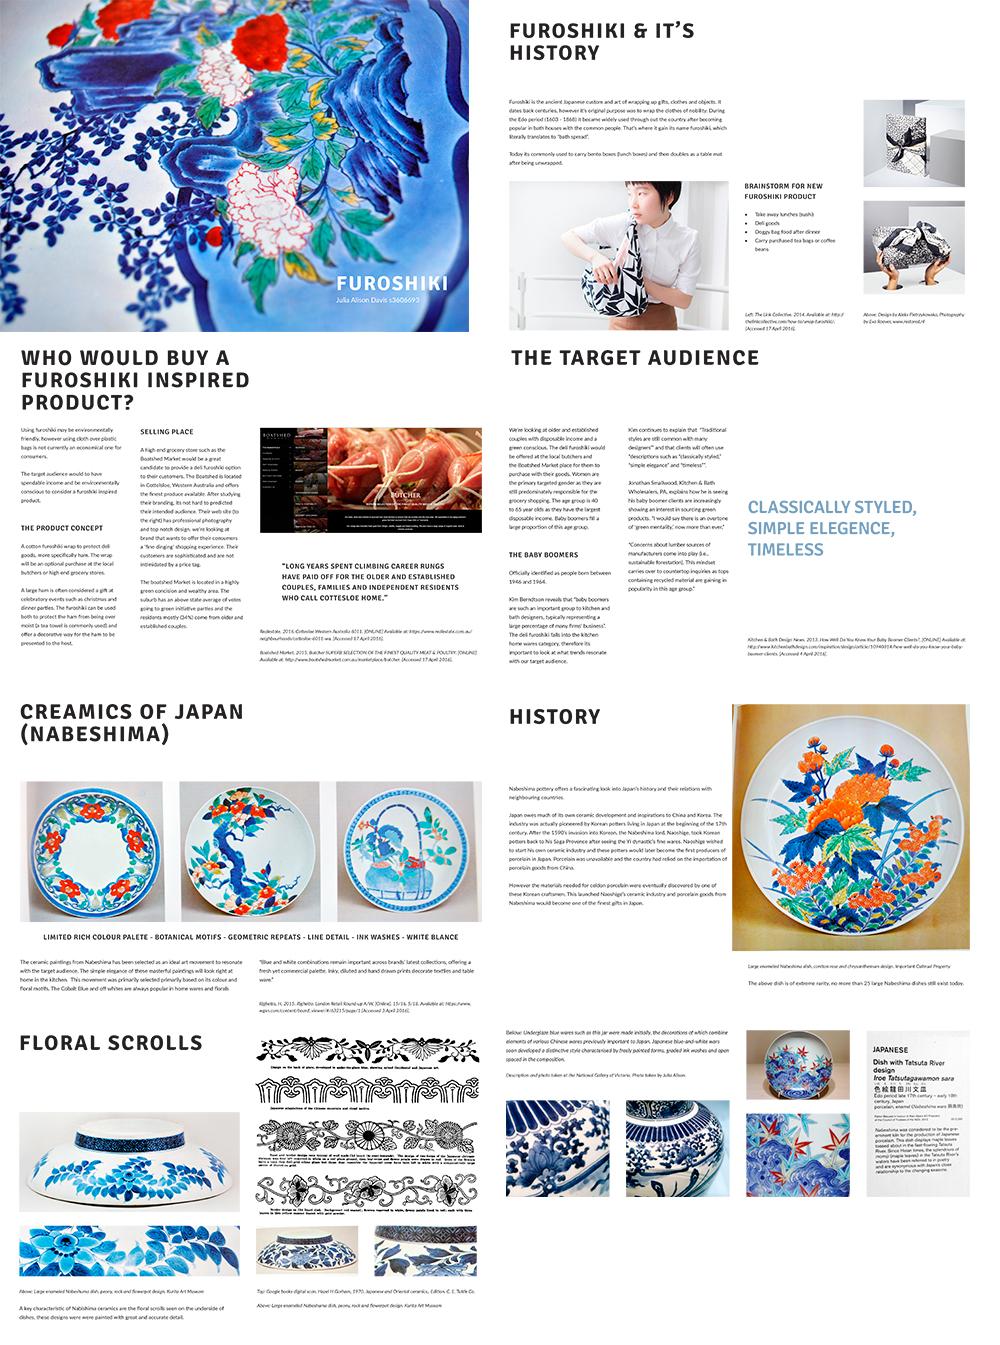 furoshiki research by julia alison